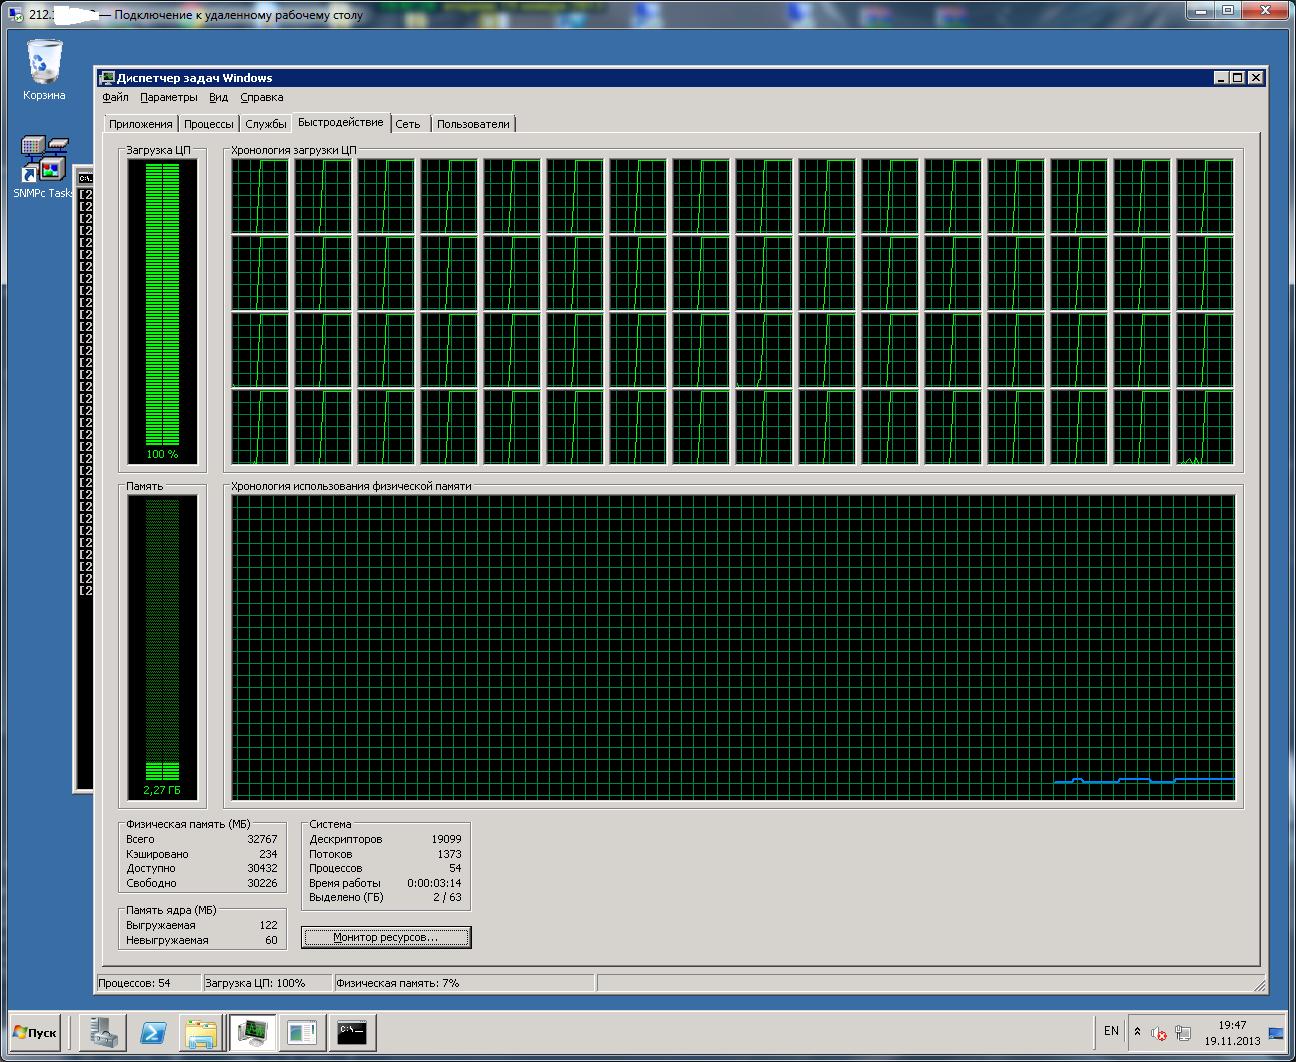 Скриншот 2013-11-19 19.47.28